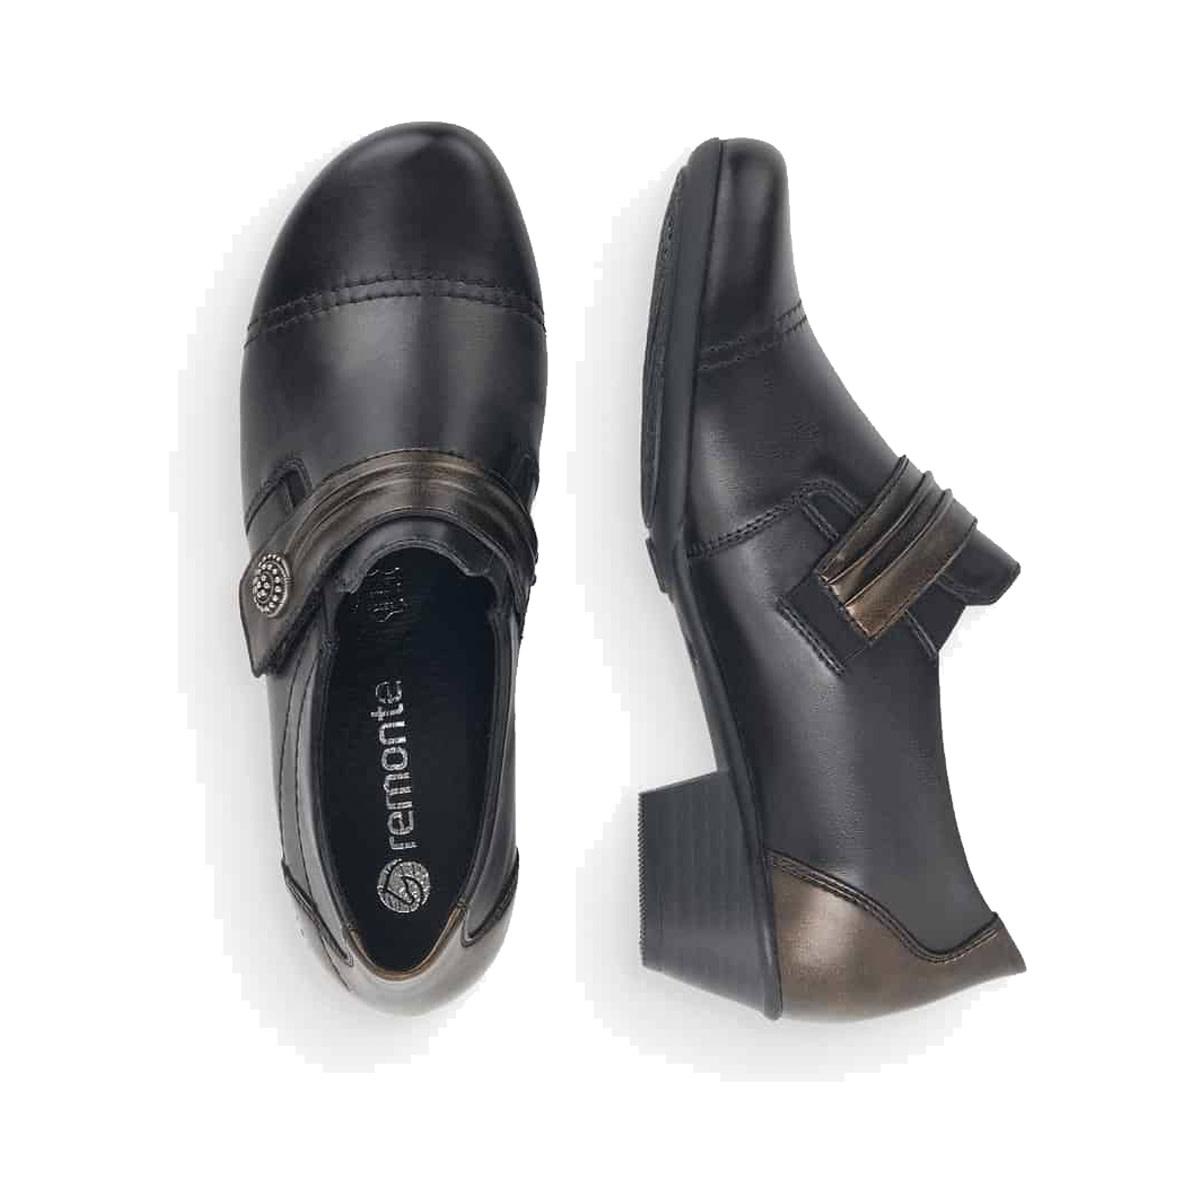 Remonte Remonte Women's D7300-01 Black